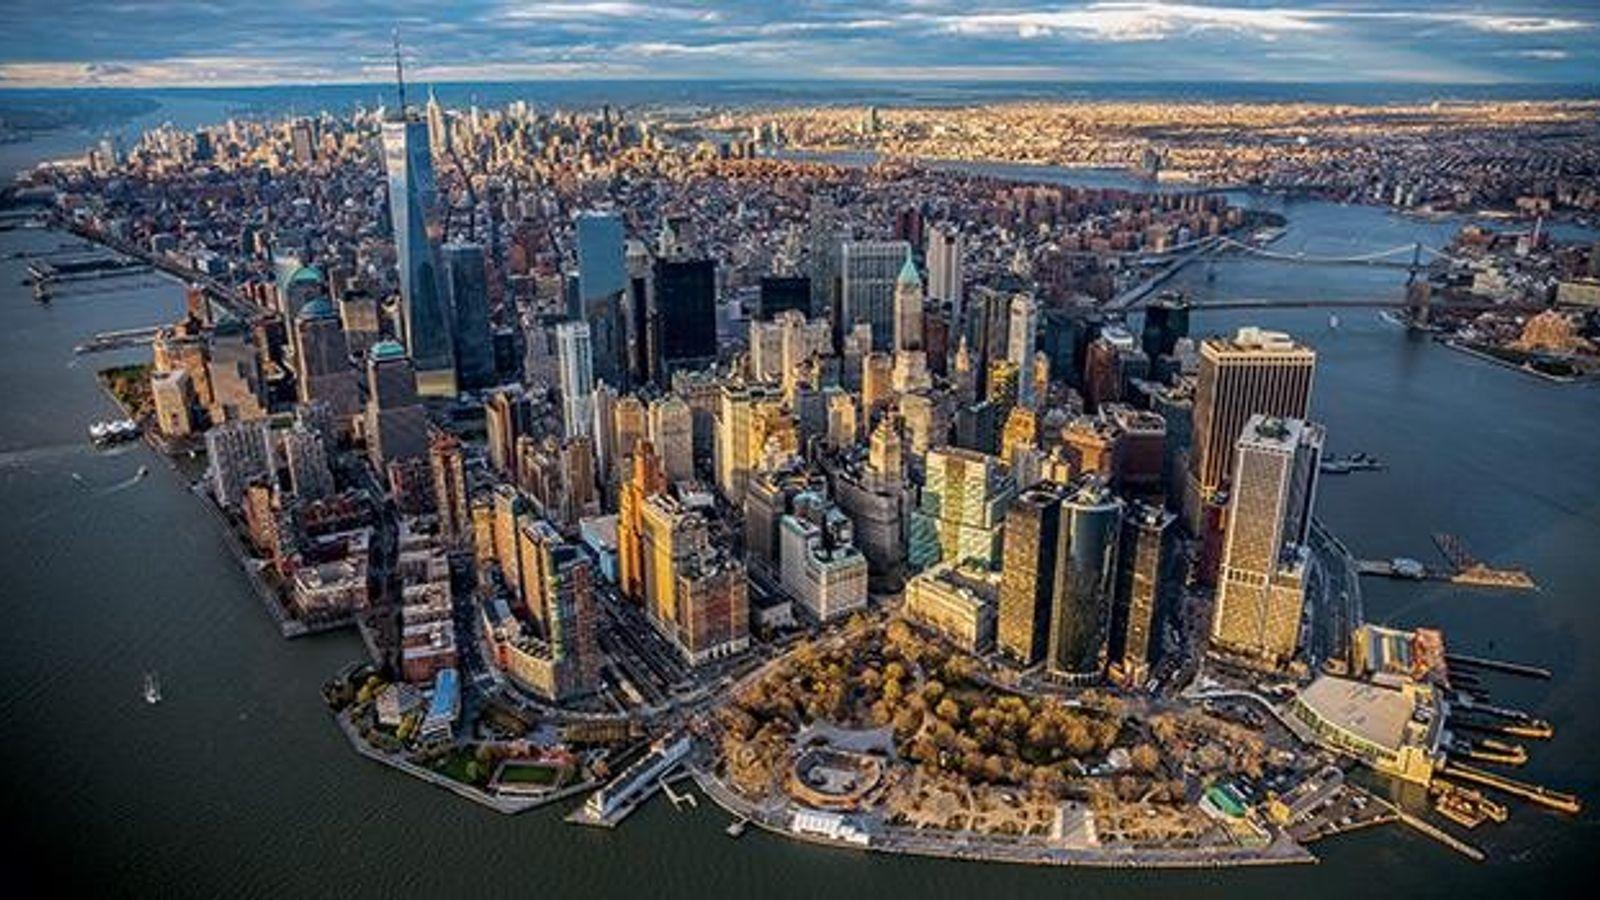 Diese Stadt hört nicht auf zu wachsen. Aus dem Wolkenkratzergetümmel ragt seit 2013 das One World ...